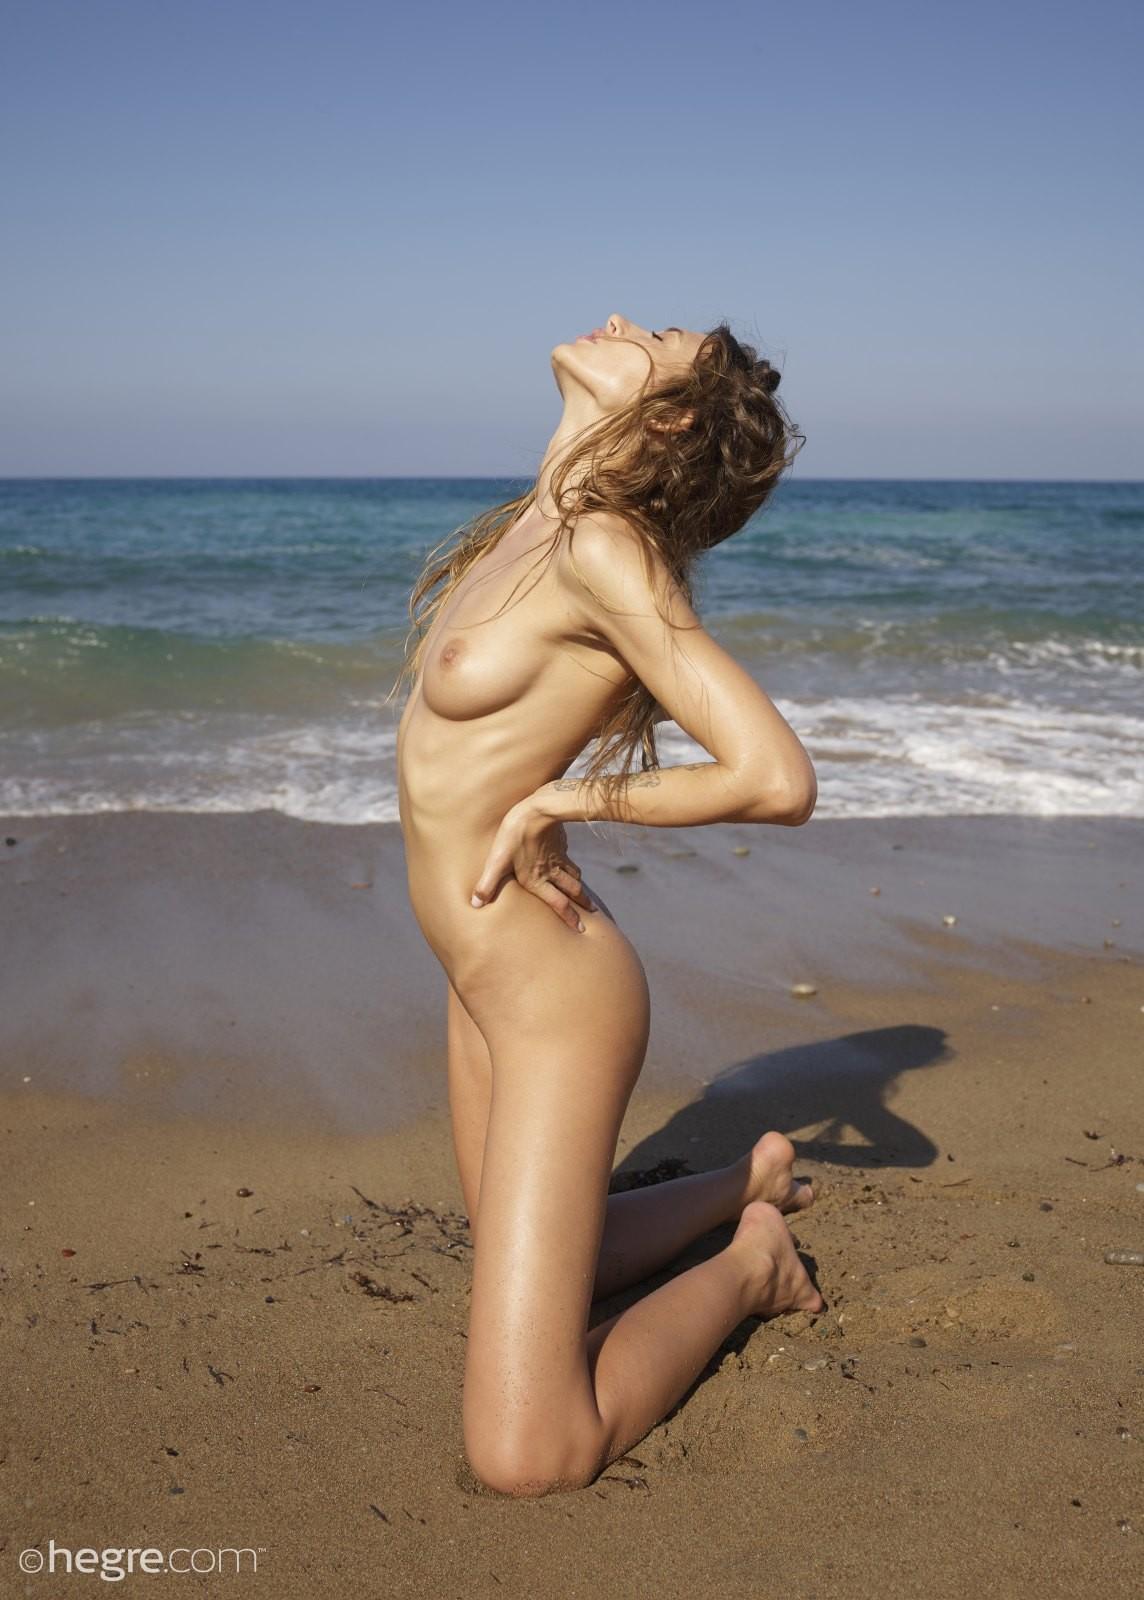 Голая девка позирует на песке у моря - фото